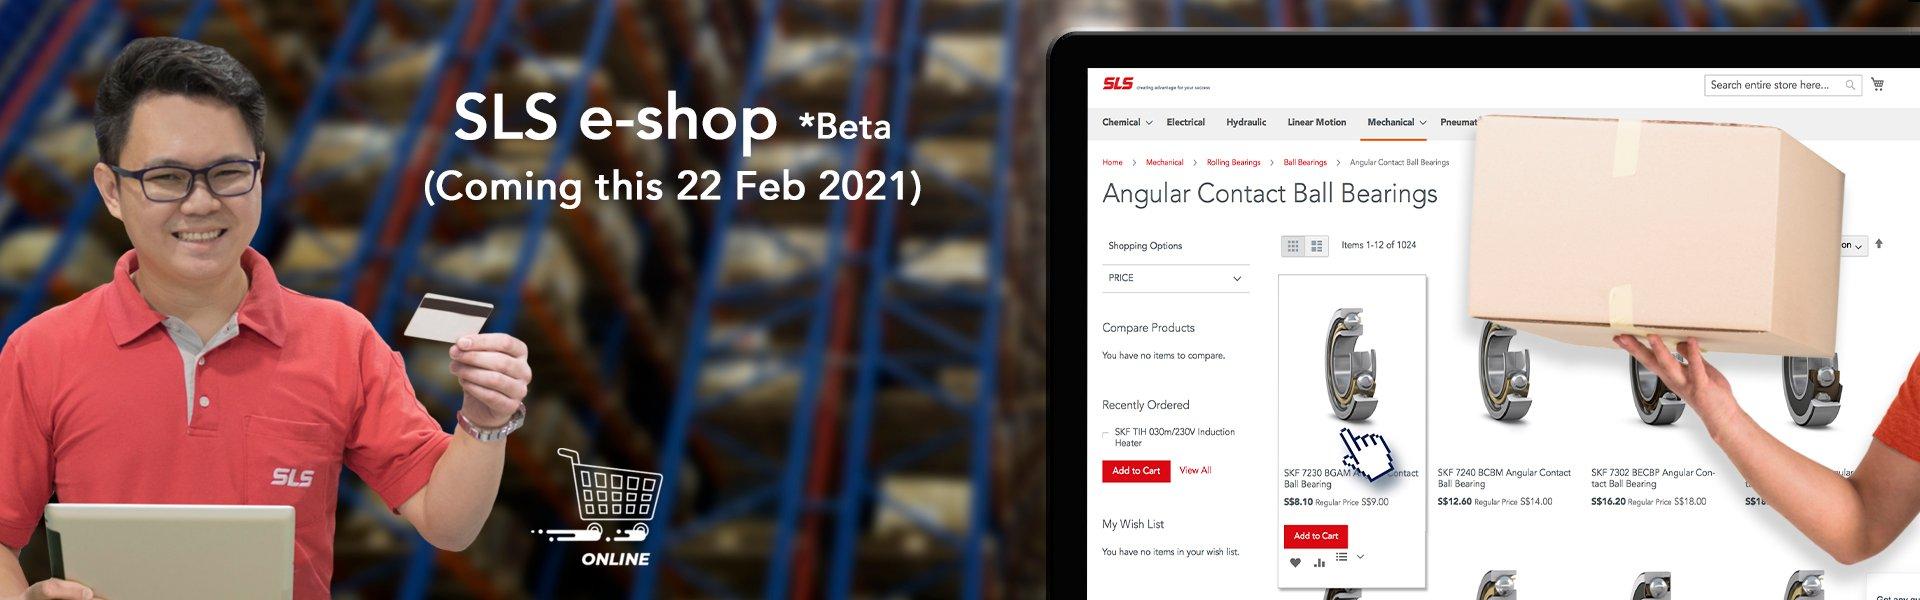 SLS e-shop Beta Banner for Hubspot